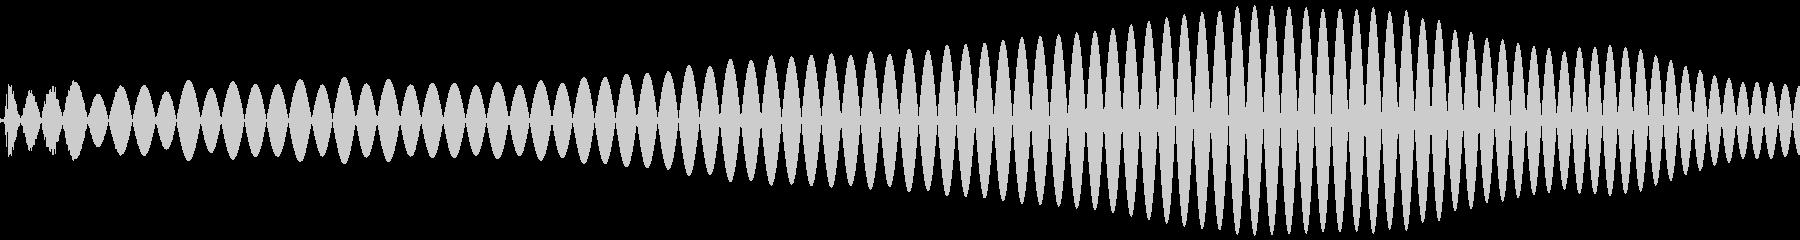 ポワ(コミカル、可愛い音)の未再生の波形